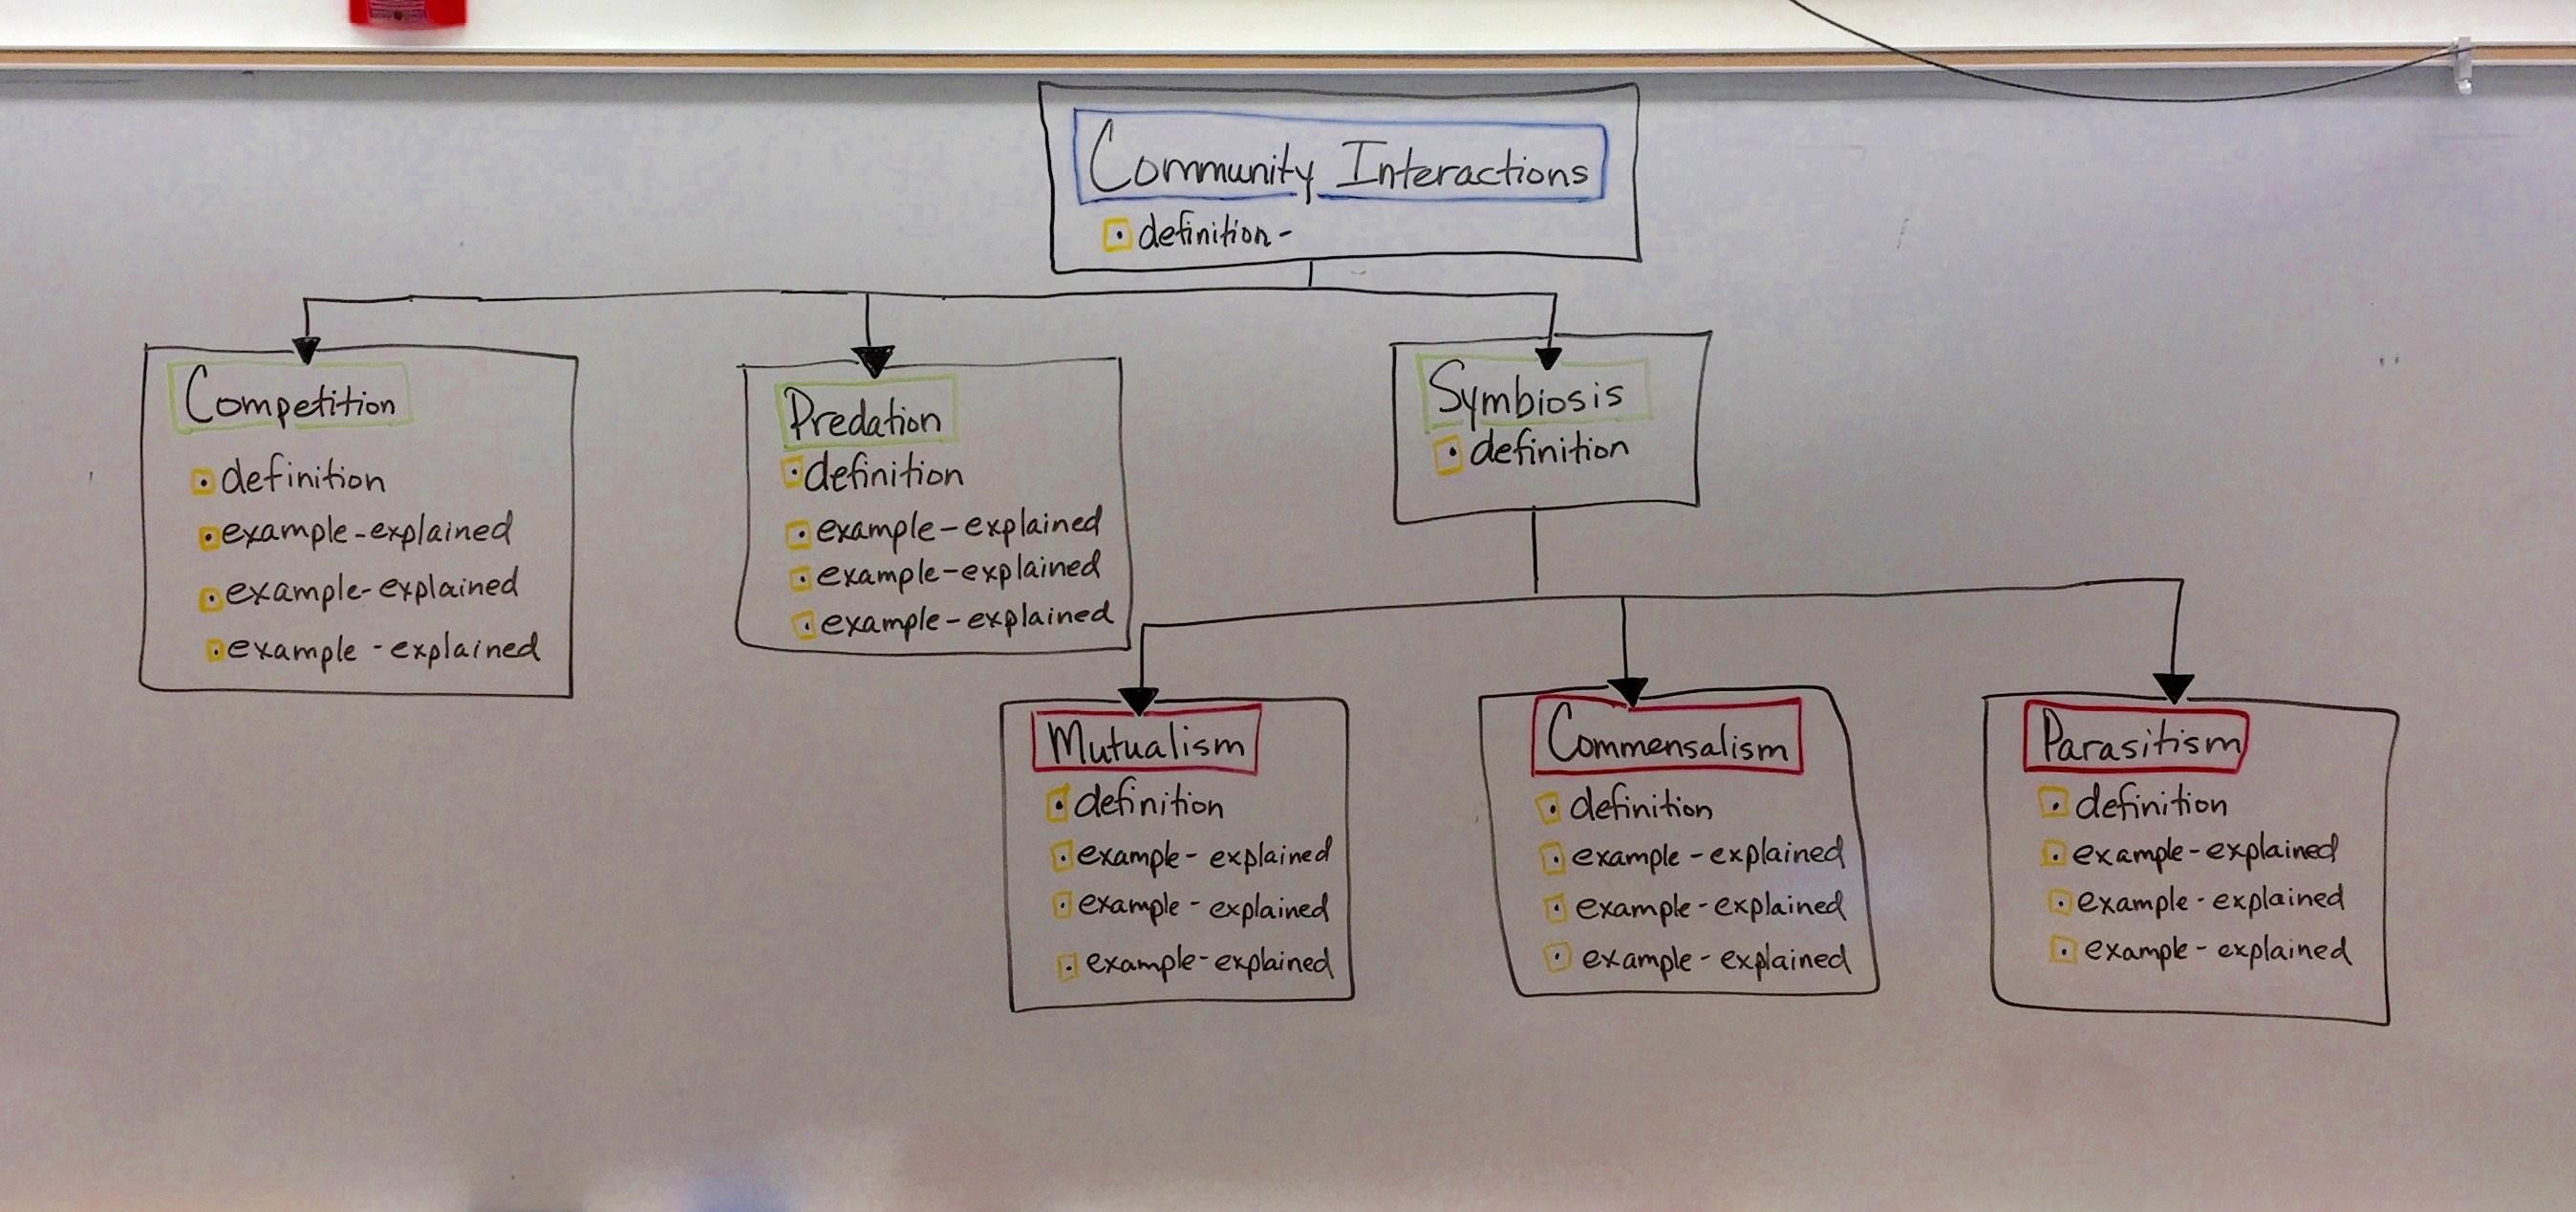 amoeba sisters video recap of meiosis the great divide worksheet answer key